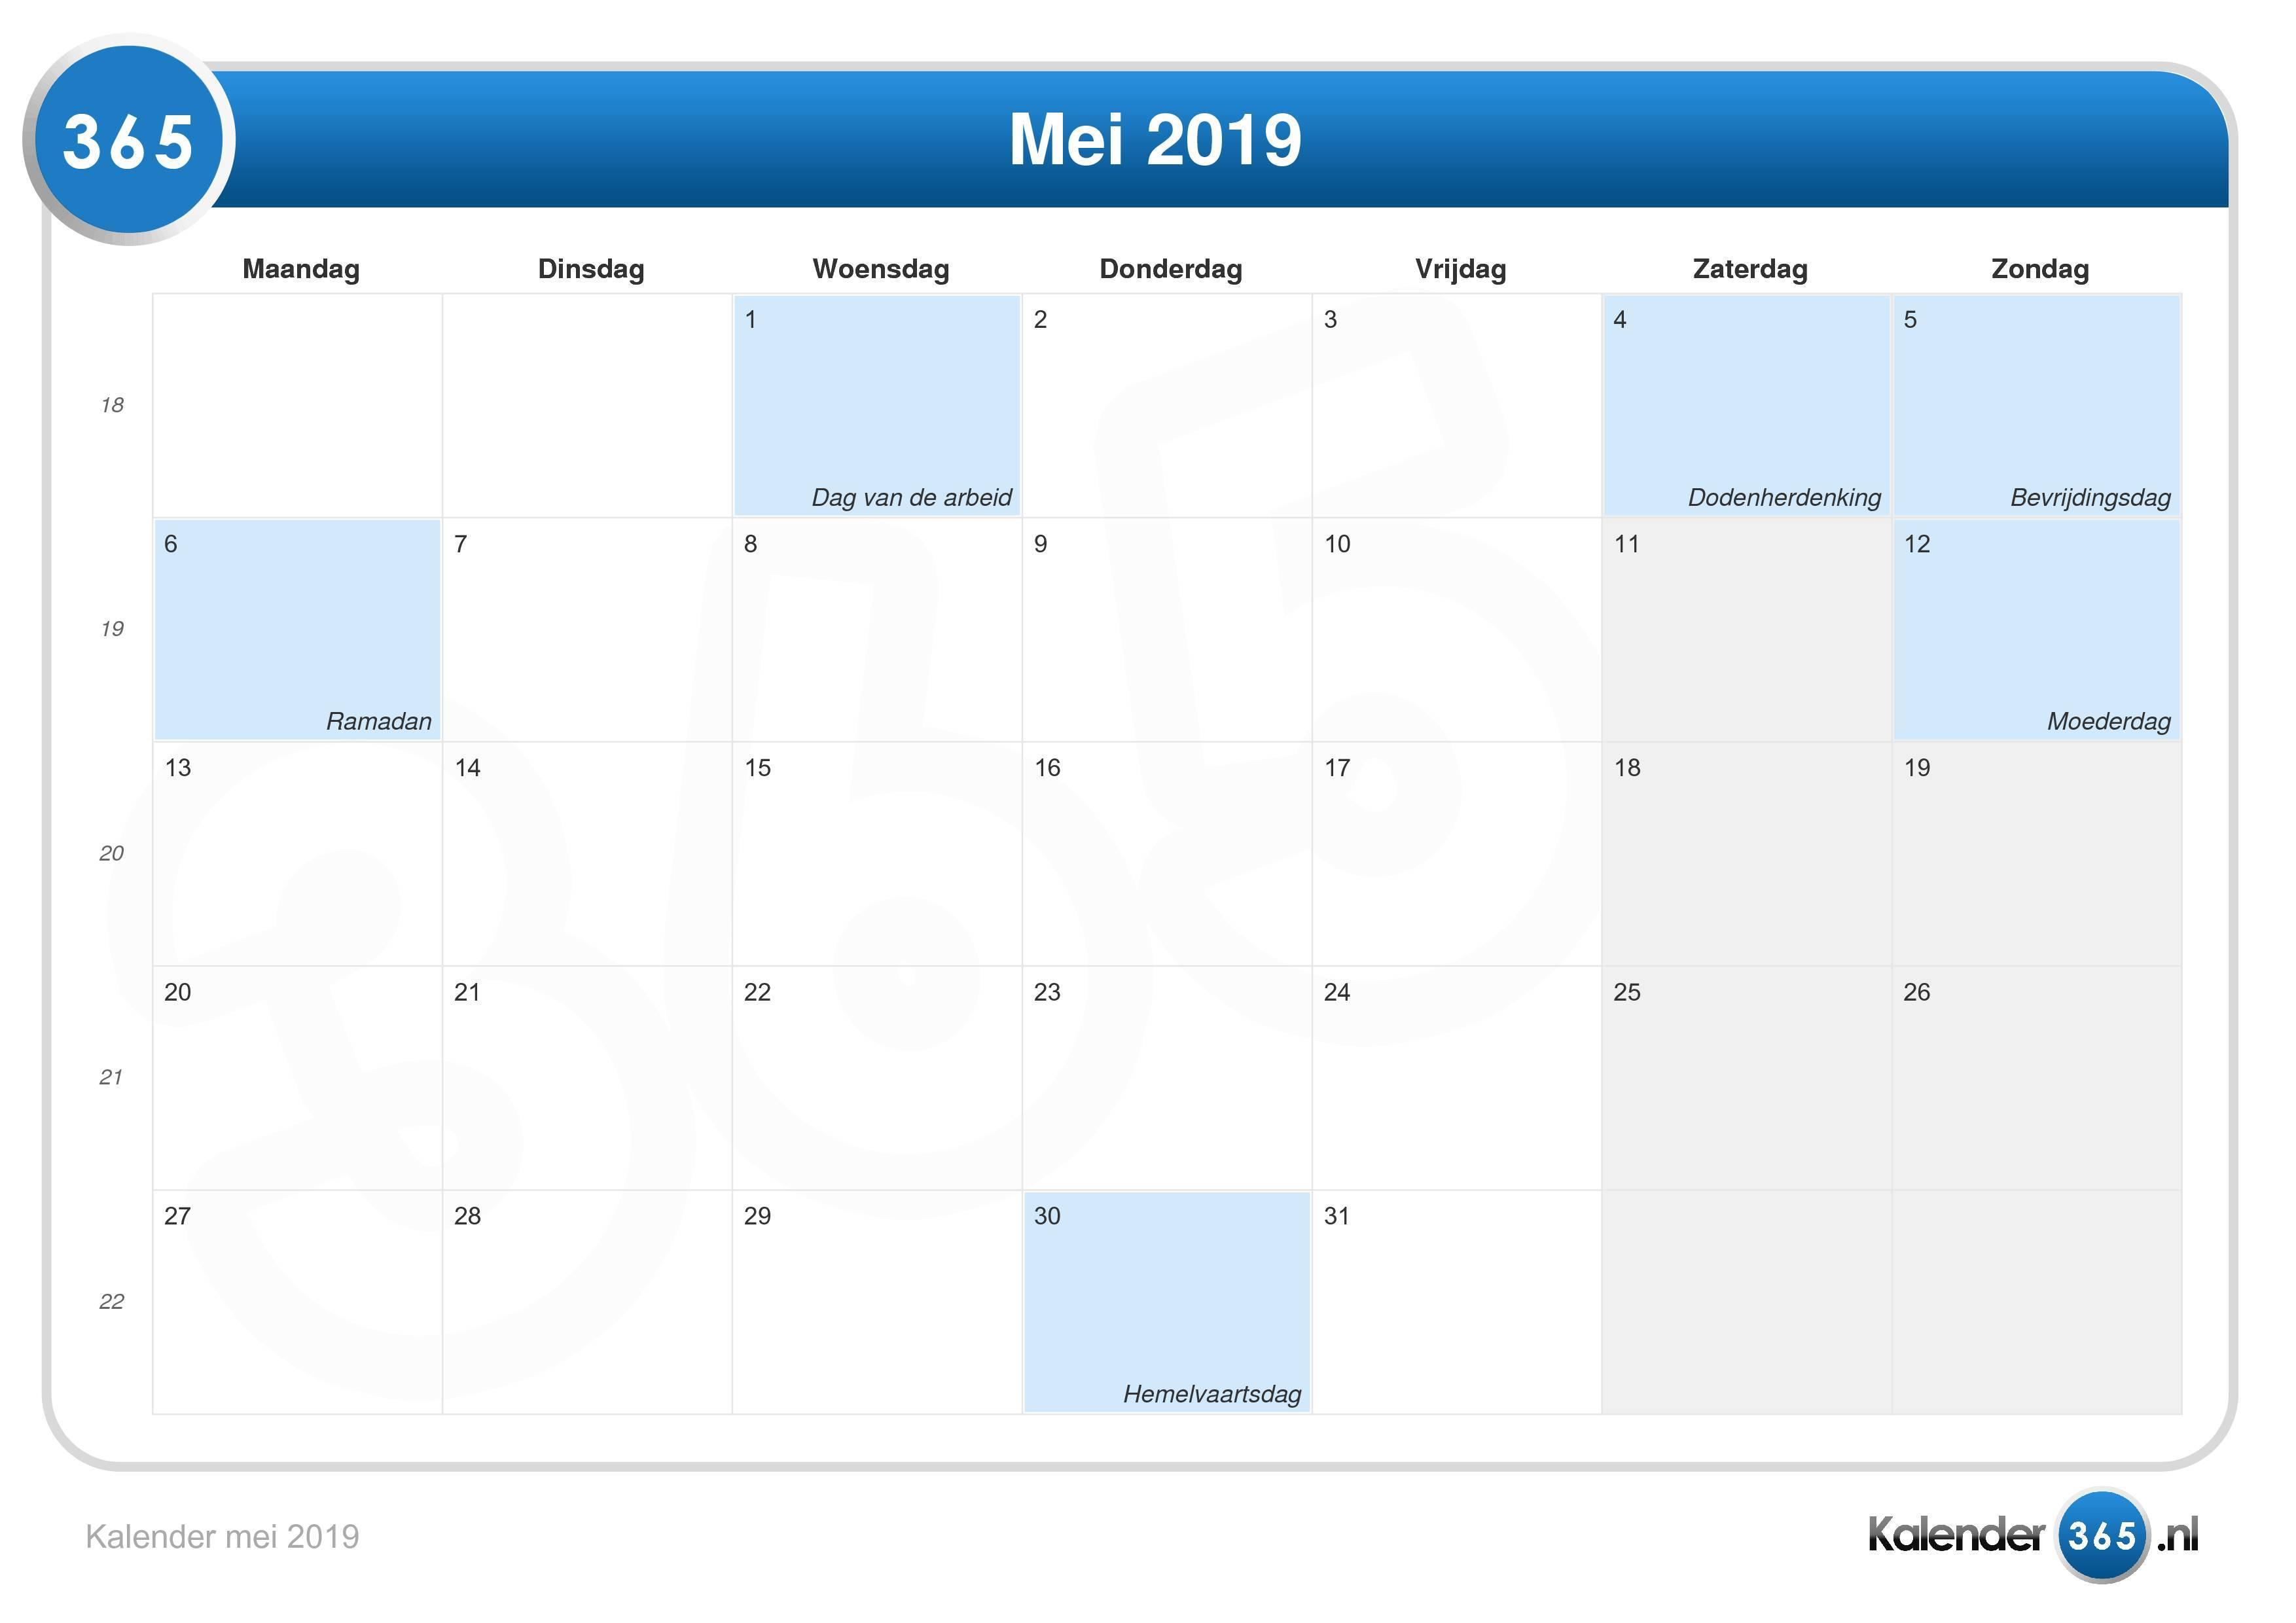 Kalender 2019 Schoolvakanties